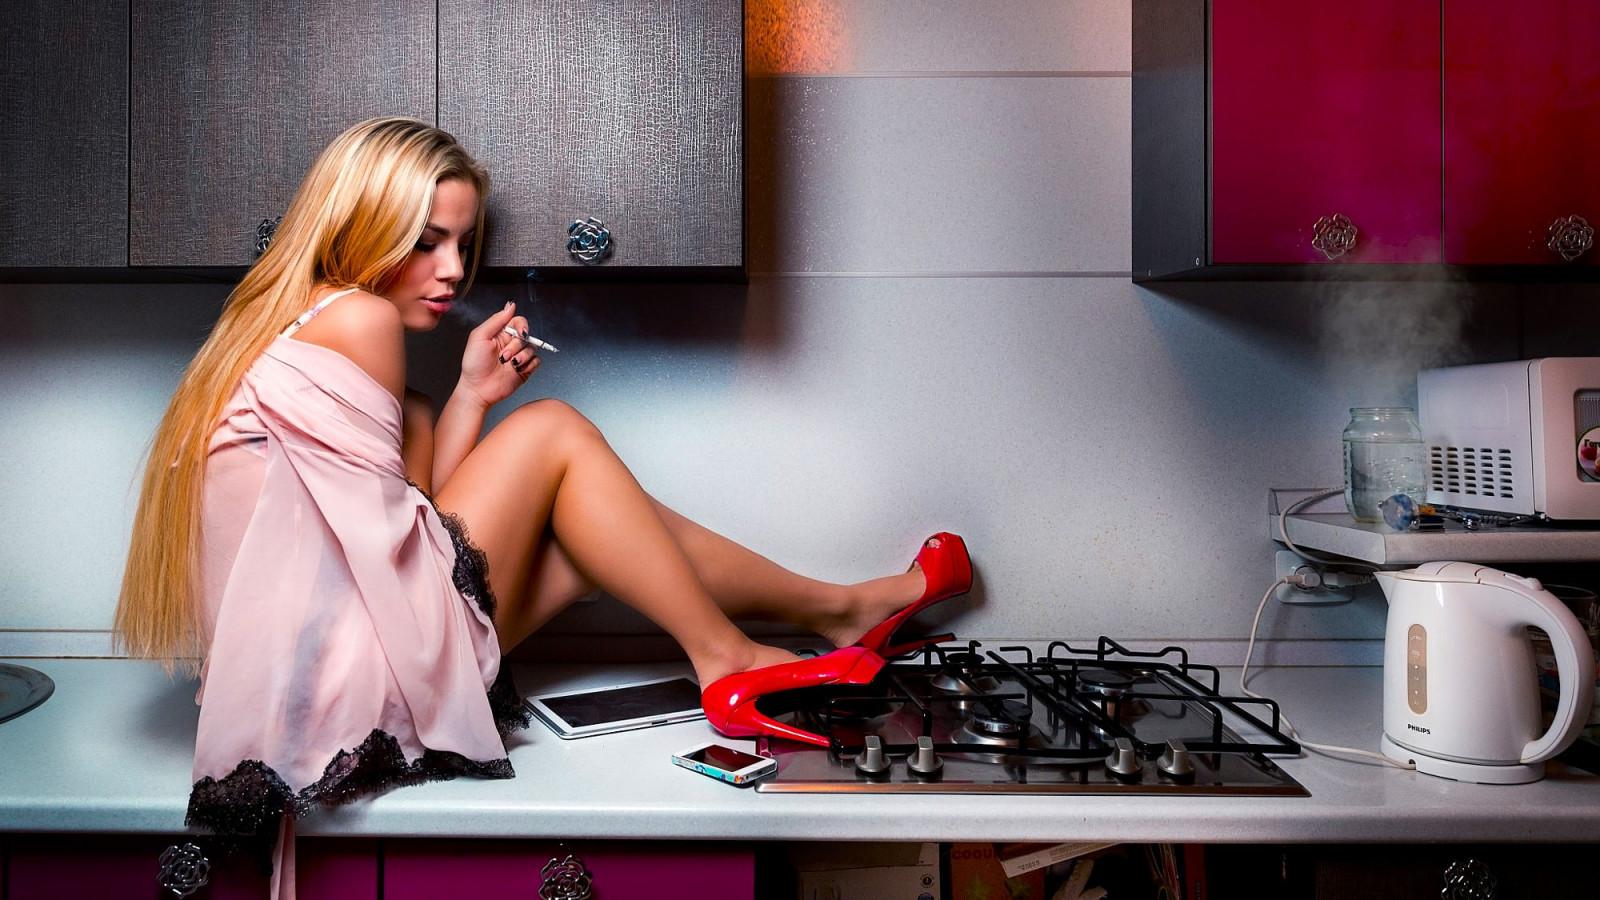 начала полностью рекламные фото моделей девушек на кухни фильмы интересные